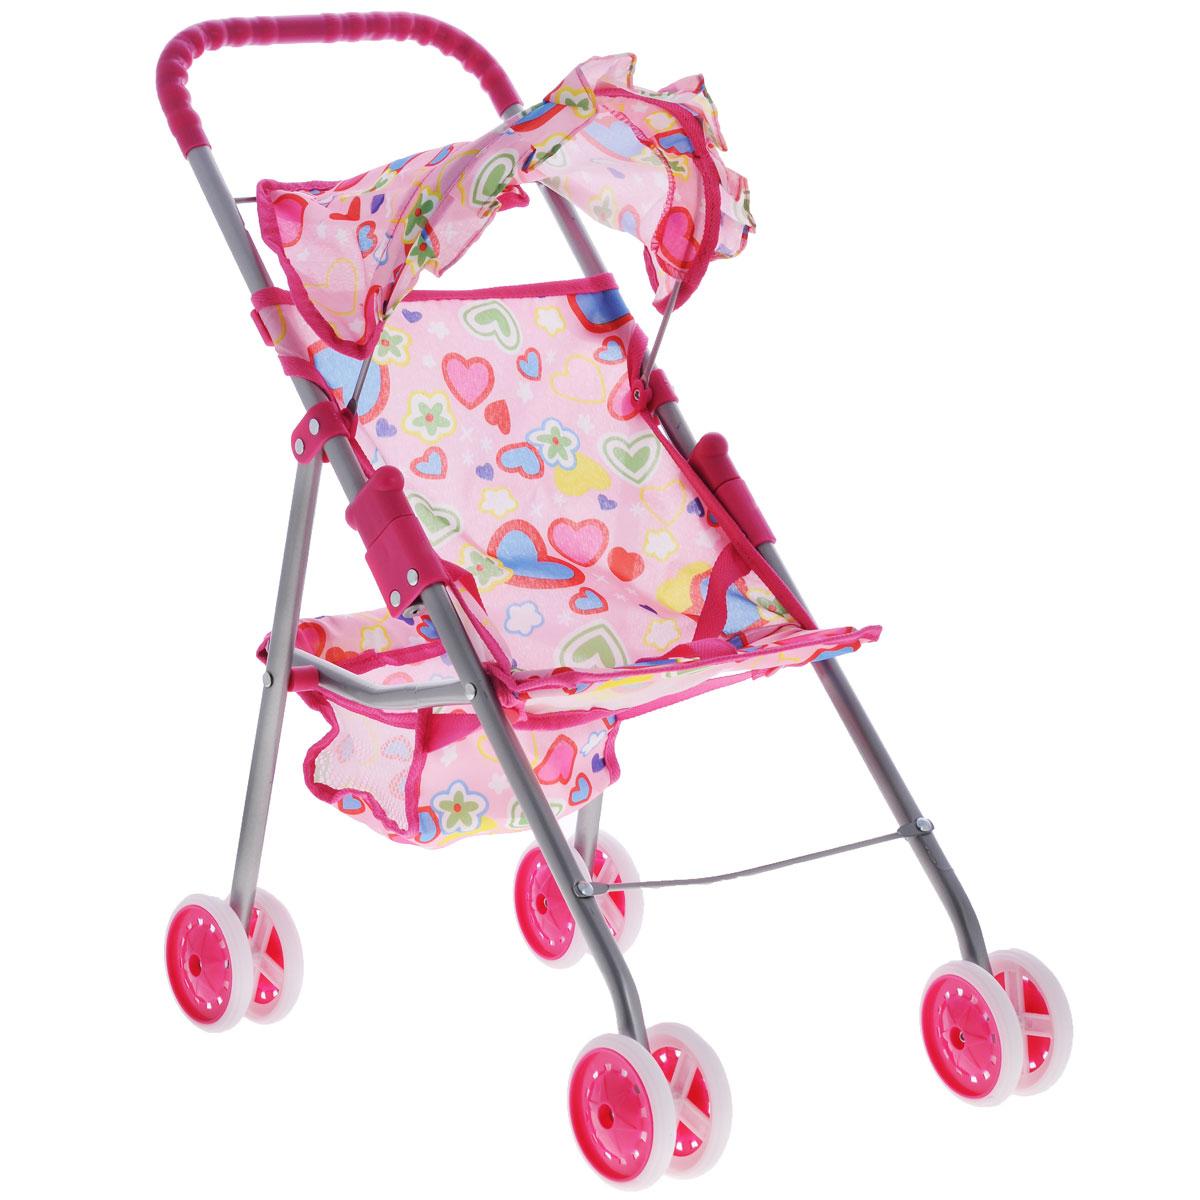 Купить Прогулочная коляска для кукол Melobo , цвет: розовый с сердечками, Foshan Melobo Toys Co. Ltd (Фошан Мелобо Тойс Ко., Лтд), Куклы и аксессуары